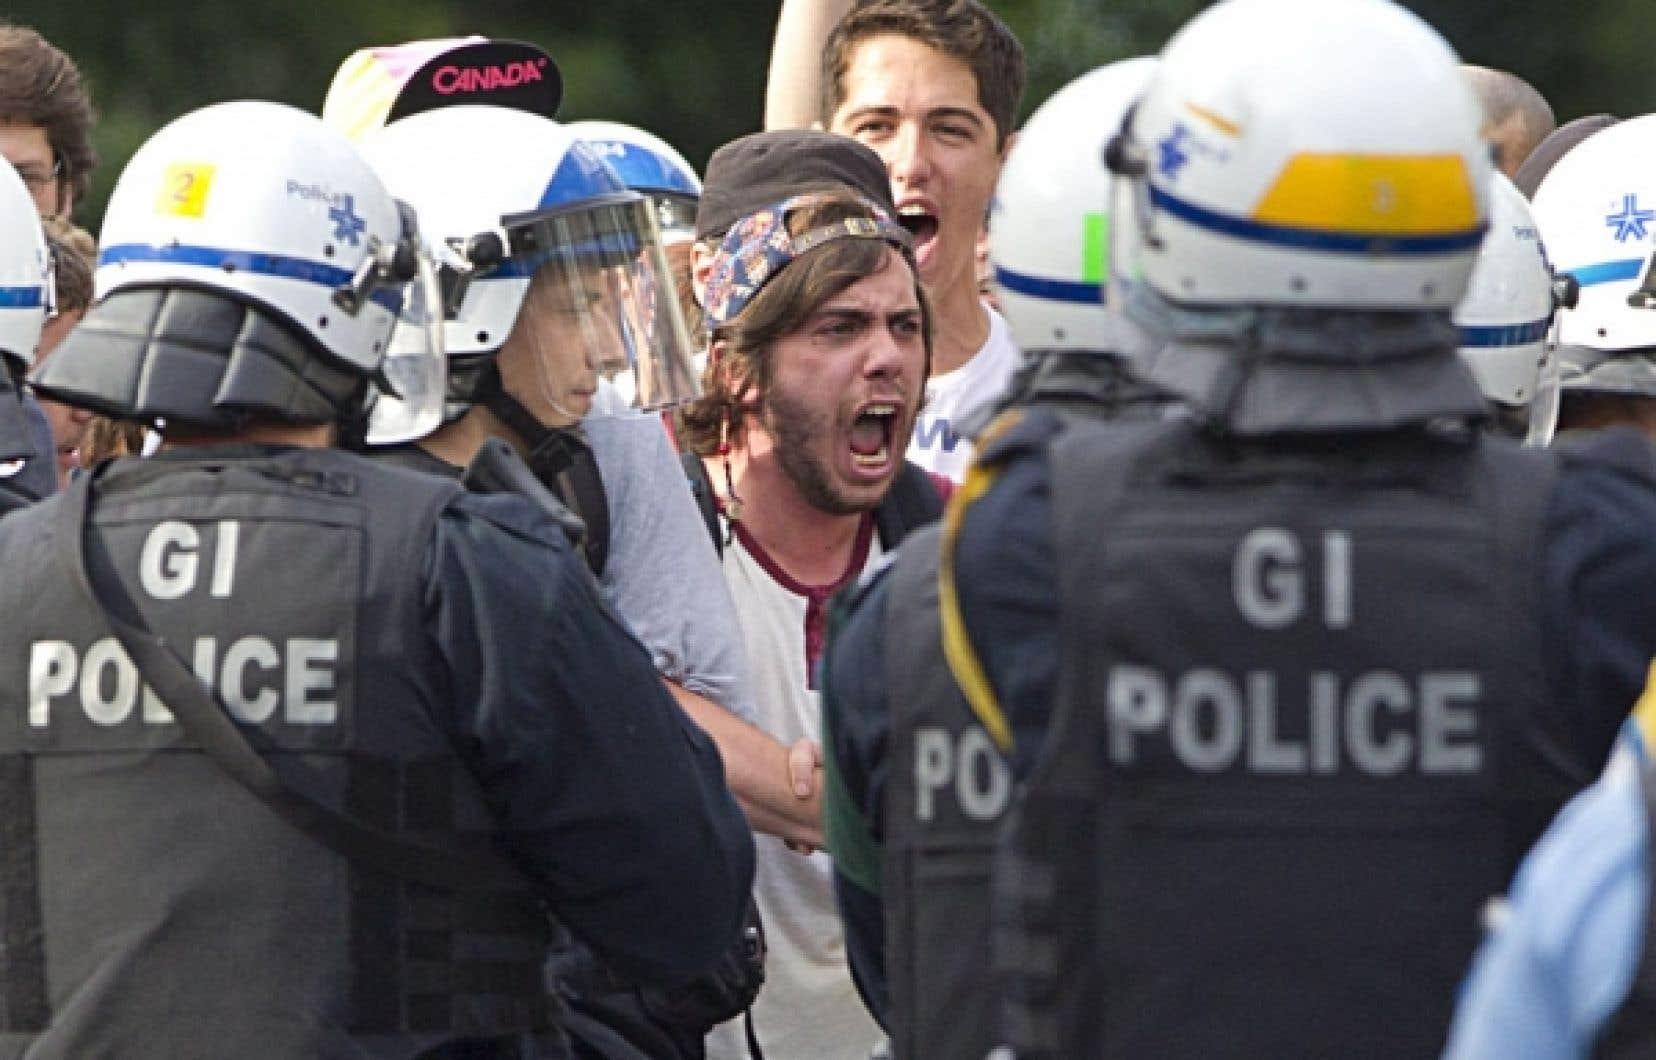 Les débordements, comme ceux observés durant certaines manifestations étudiantes des derniers mois, risquent de discréditer le mouvement en cette période électorale.